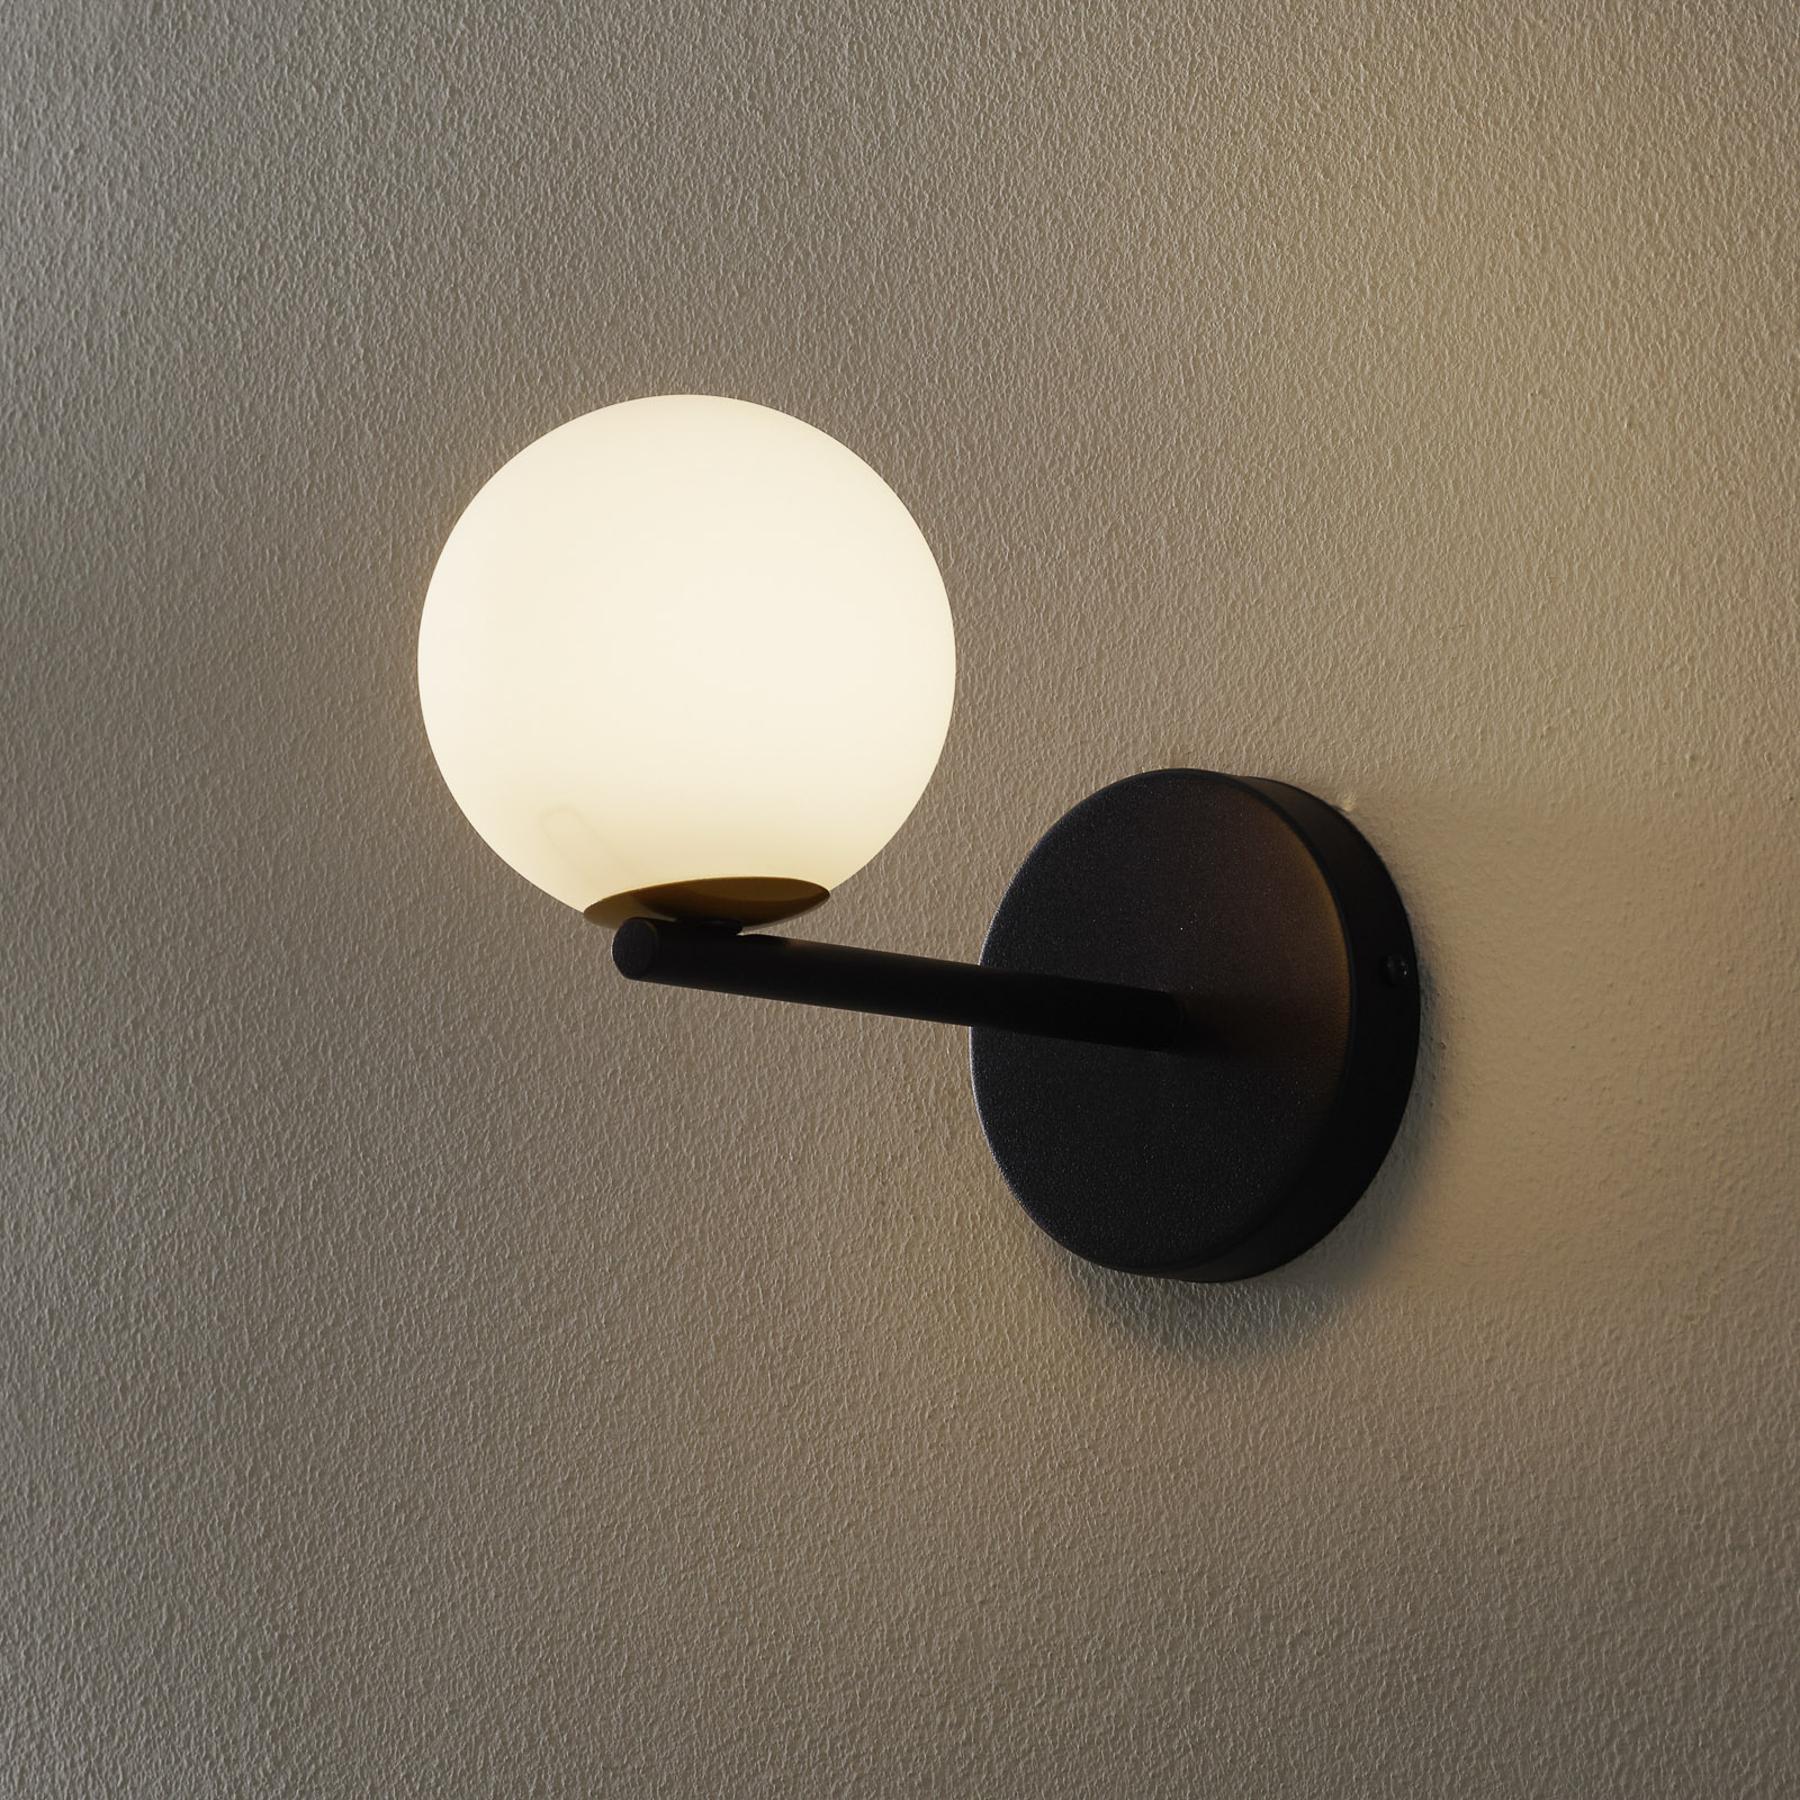 Seinävalaisin Gama, musta, lasipallot